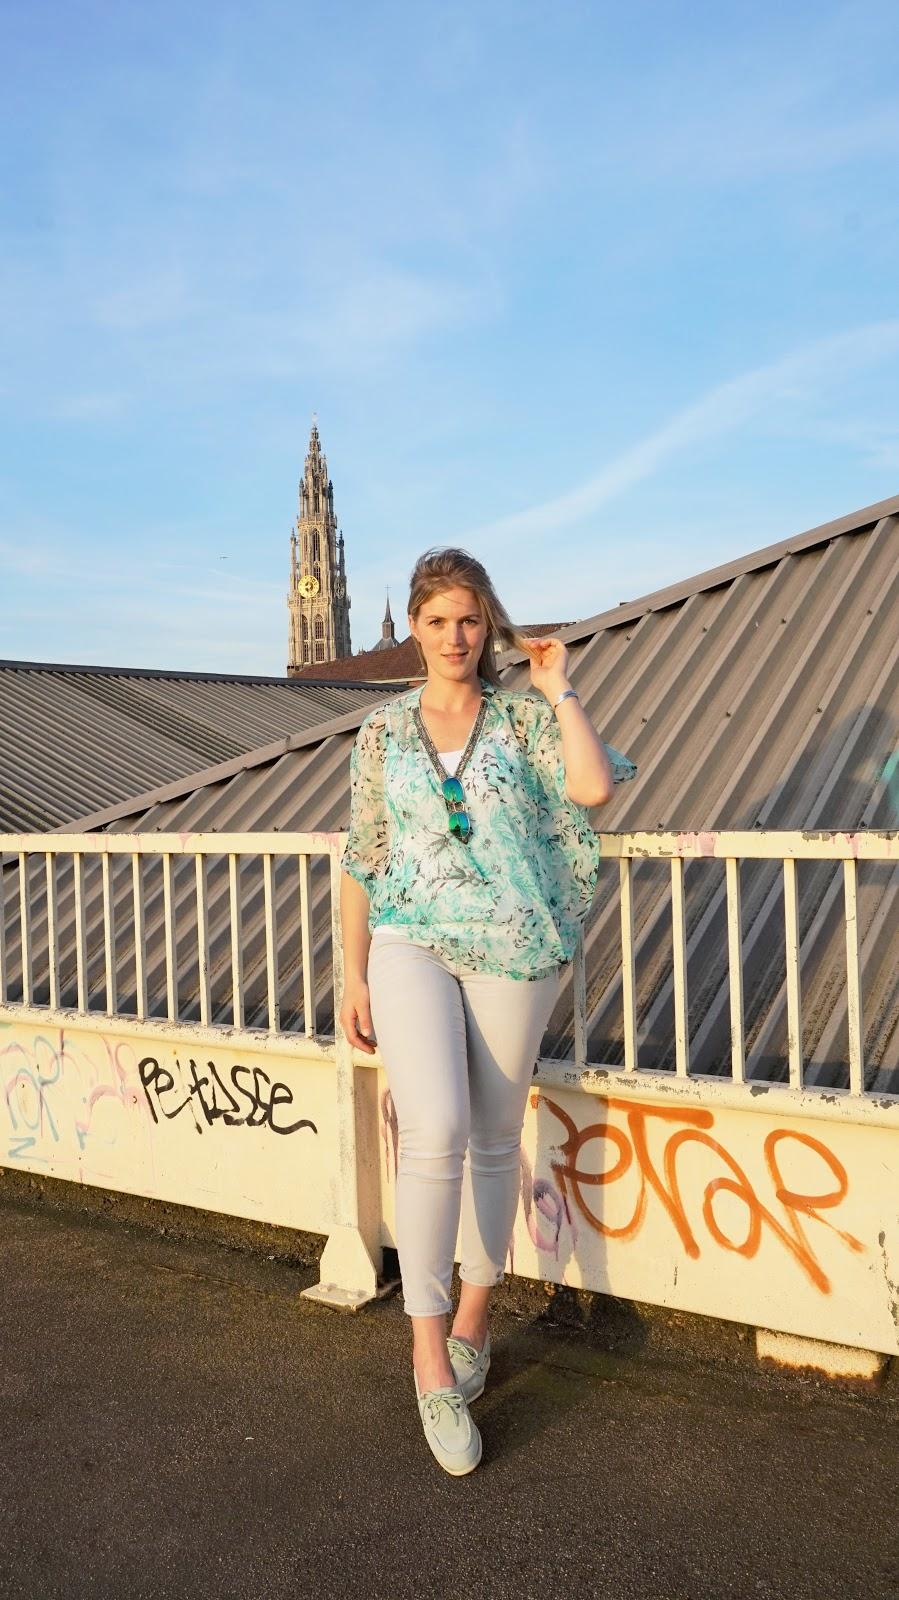 DSC06843 | Eline Van Dingenen